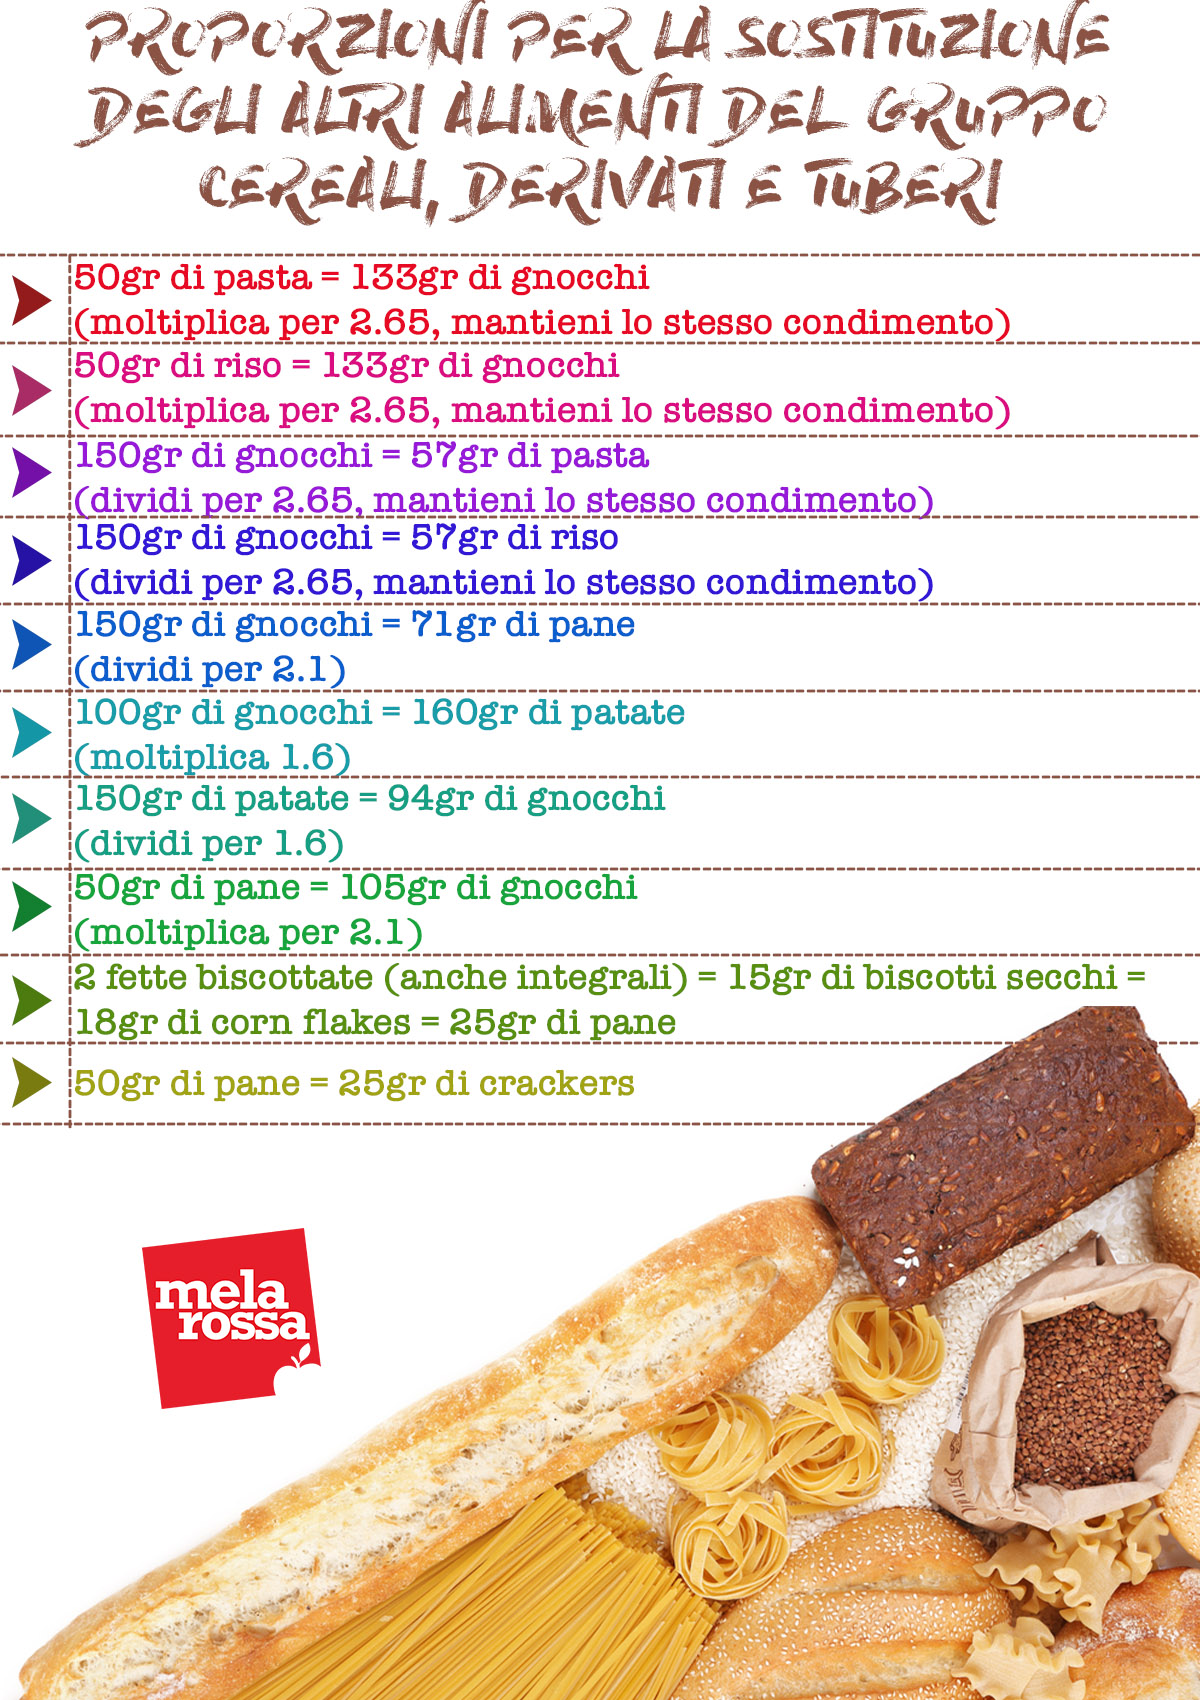 ABC sostituzioni: tabella altri alimenti